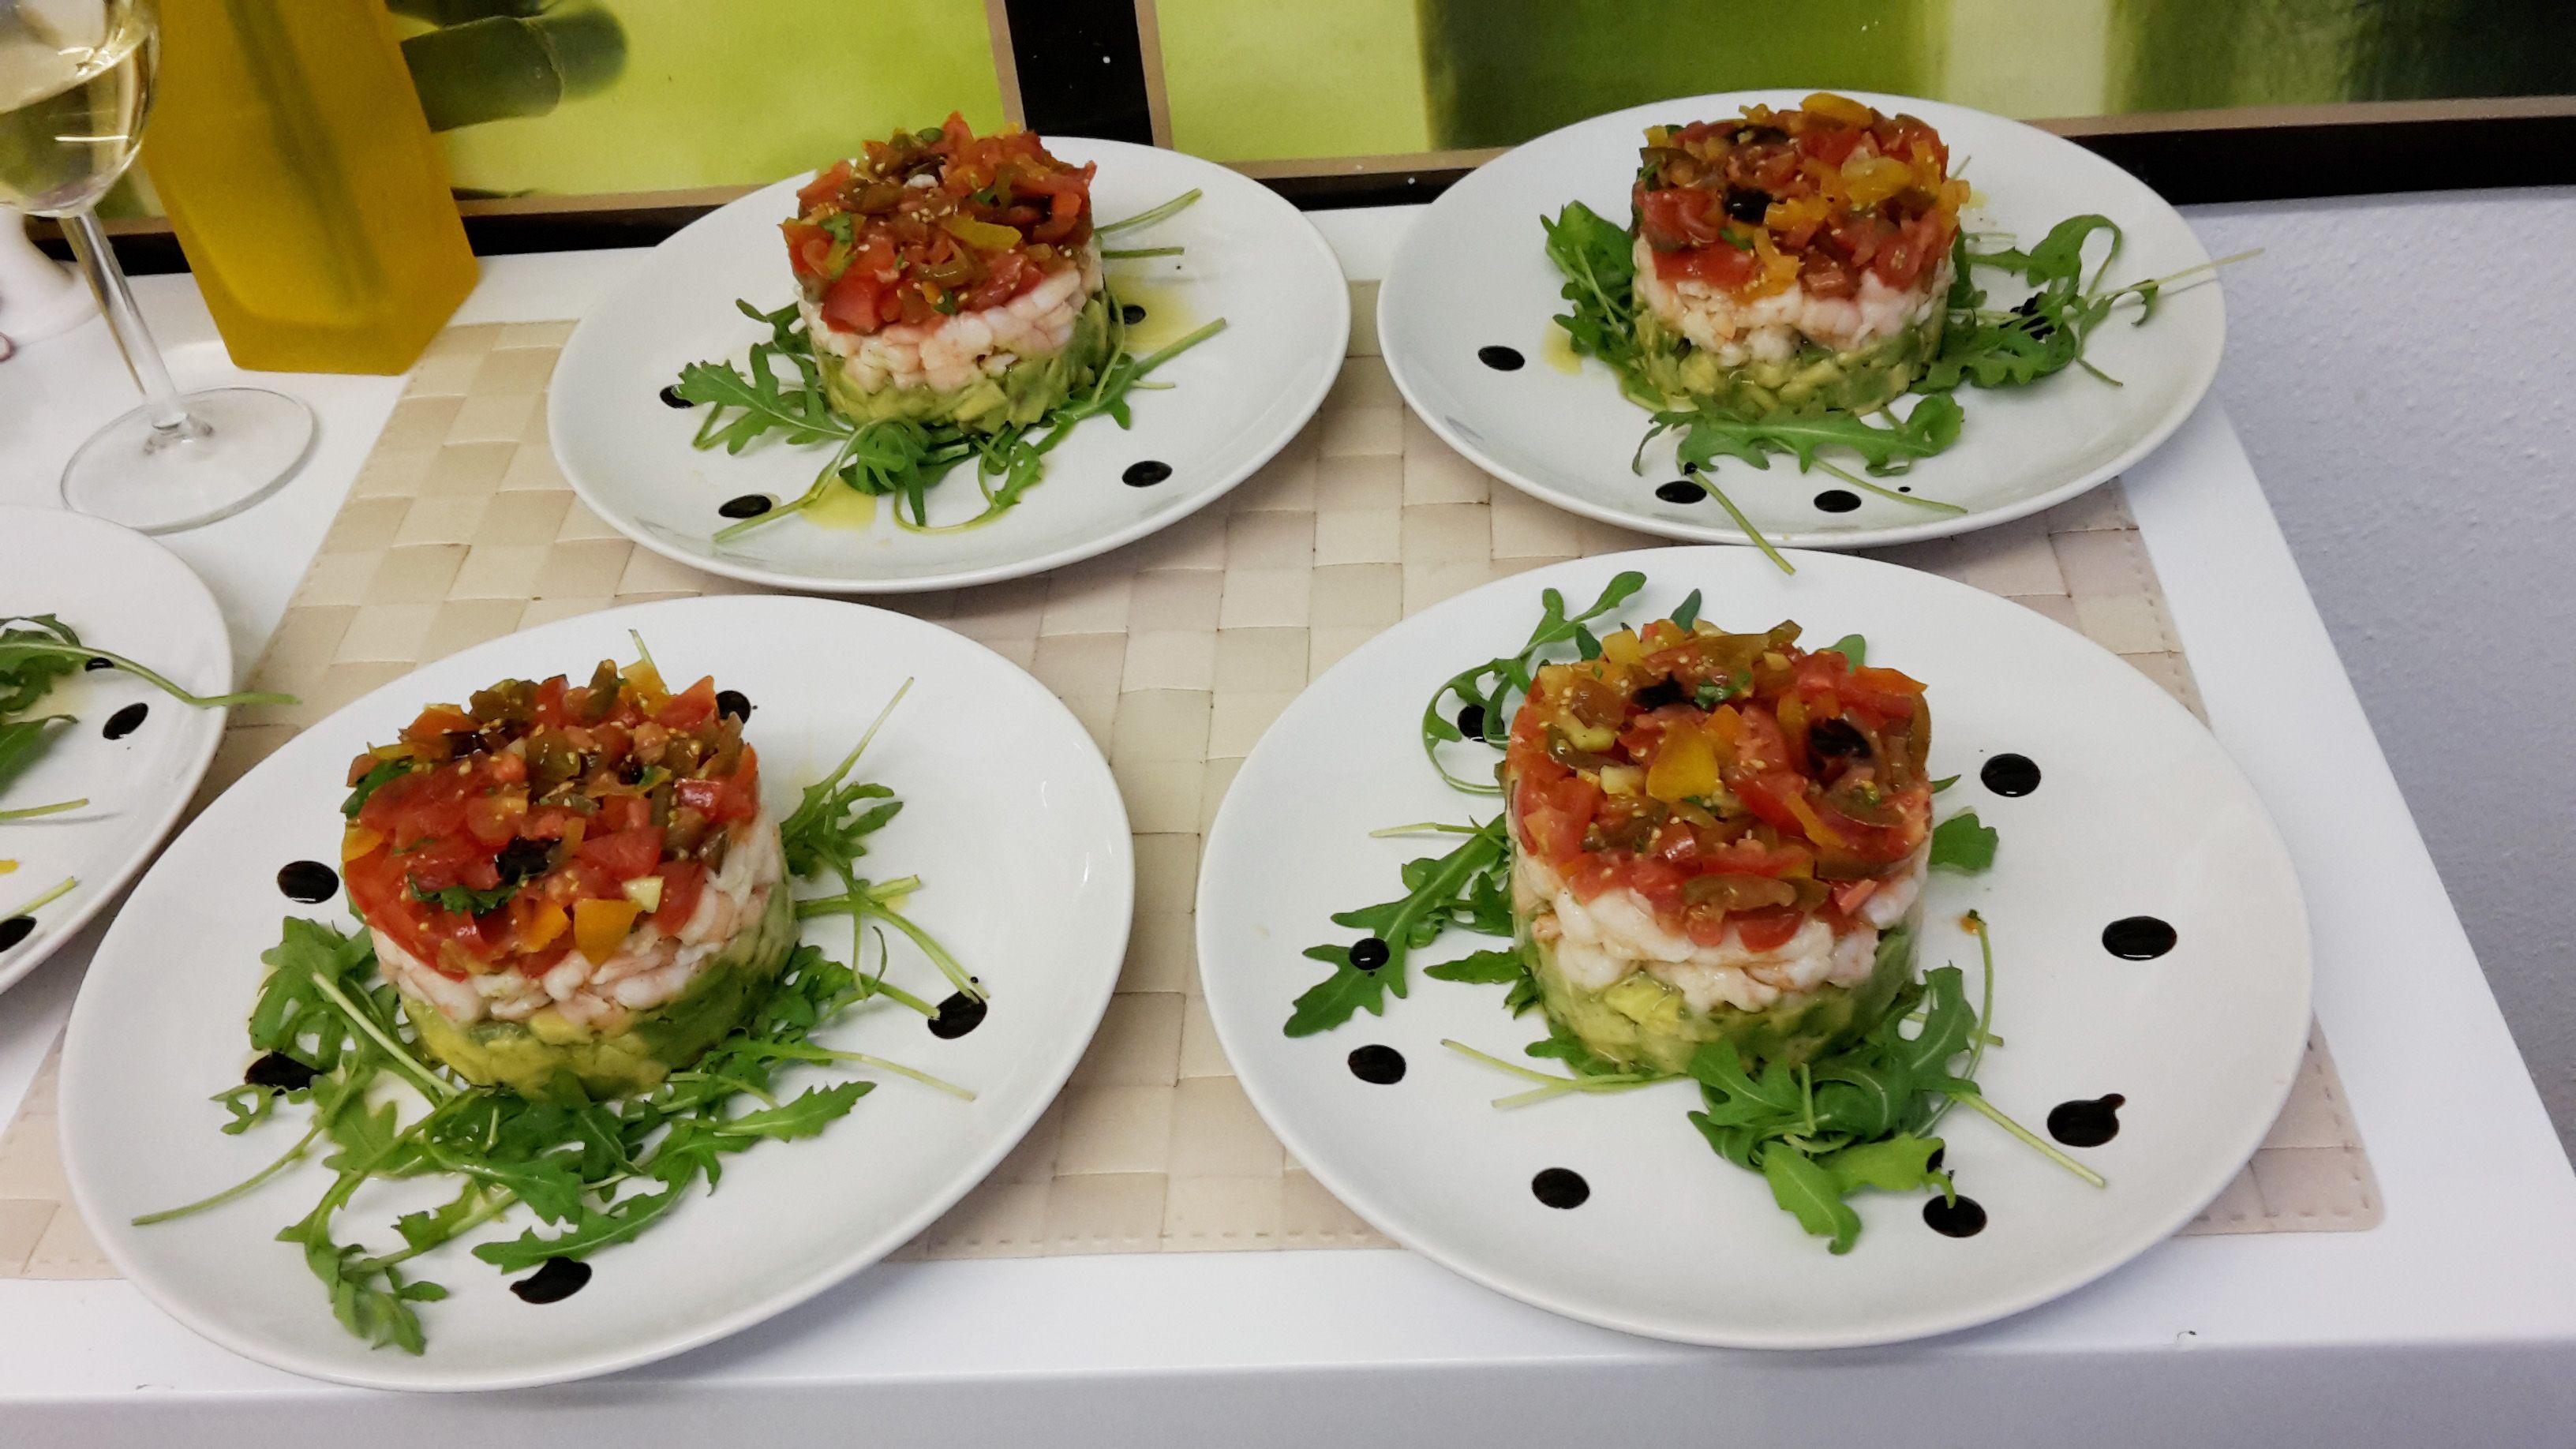 Kochen Macht Spass 12 3 16 hopping dinner zürich zusammen kochen macht mehr spass neue